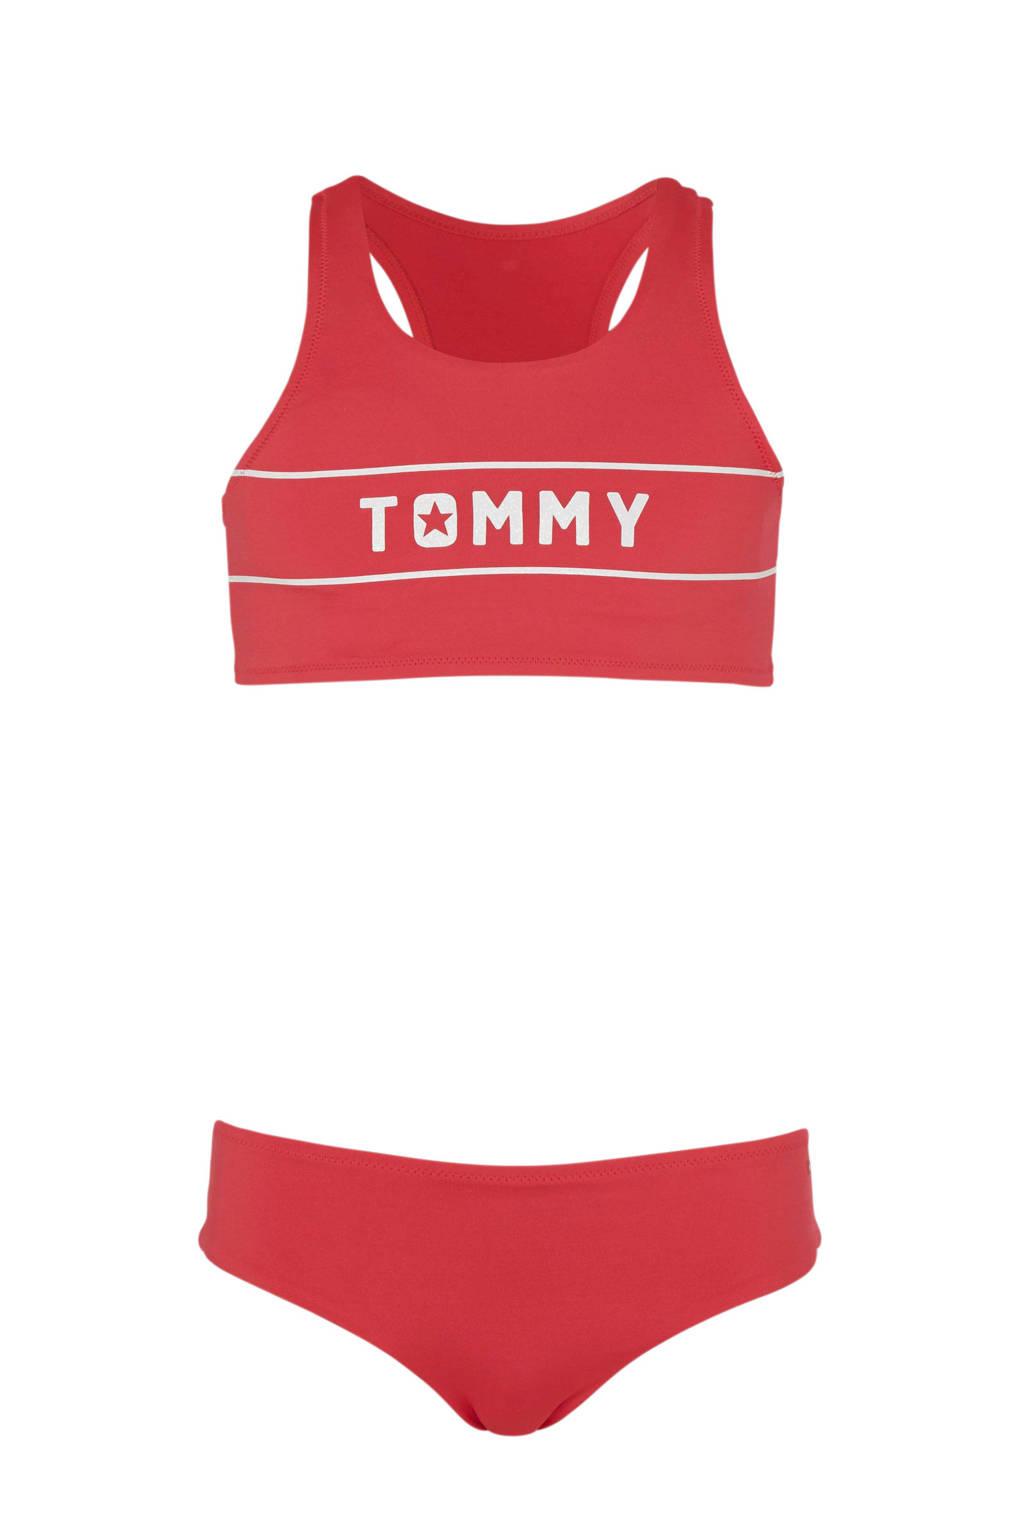 Tommy Hilfiger bikini met merknaam roze, Roze/wit